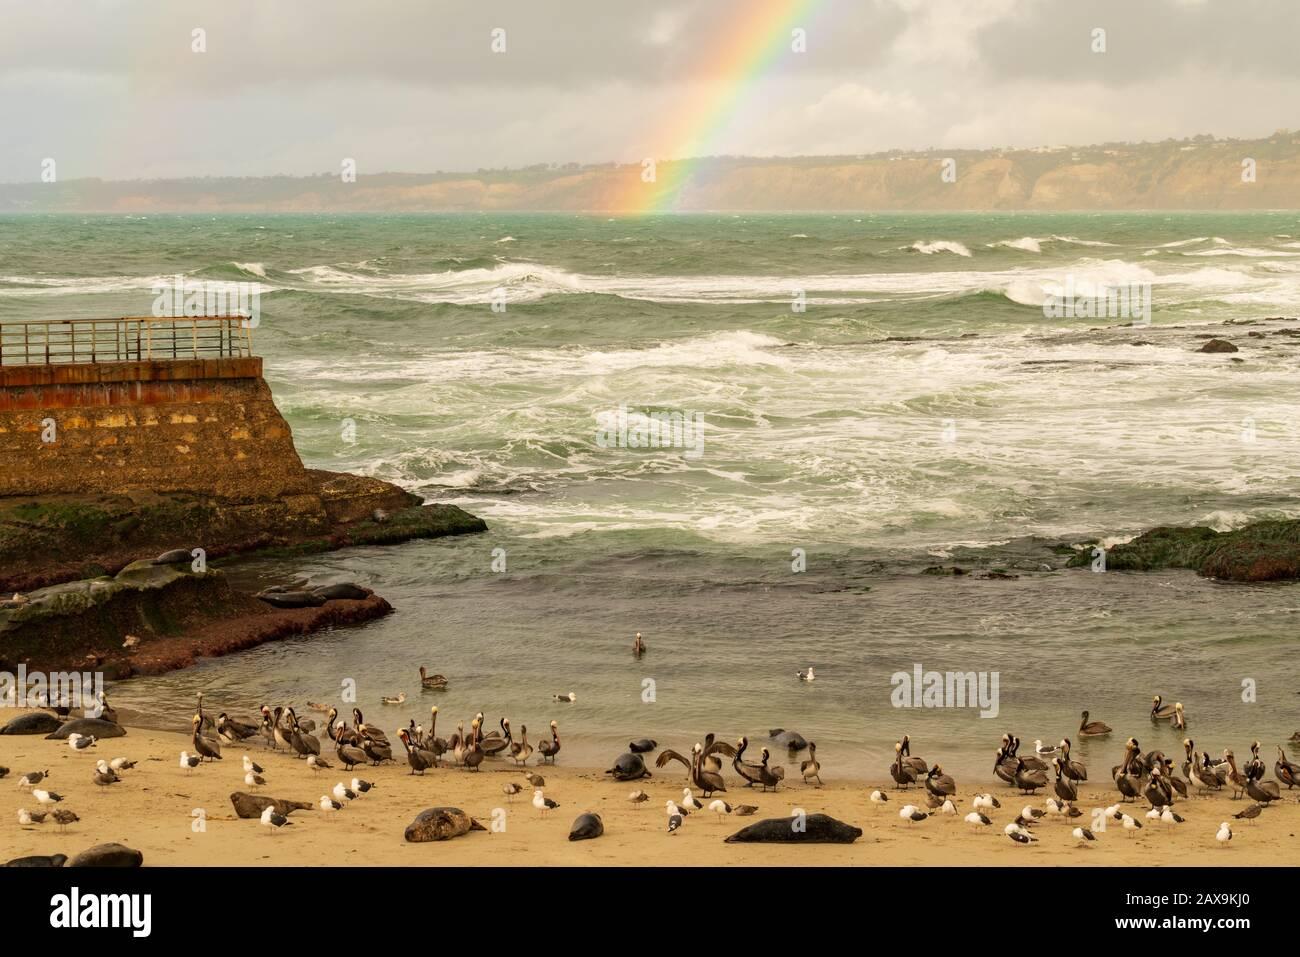 La Jolla, playa de California y arco iris con focas del puerto alrededor (nombre científico: Phoca vitulina) Foto de stock